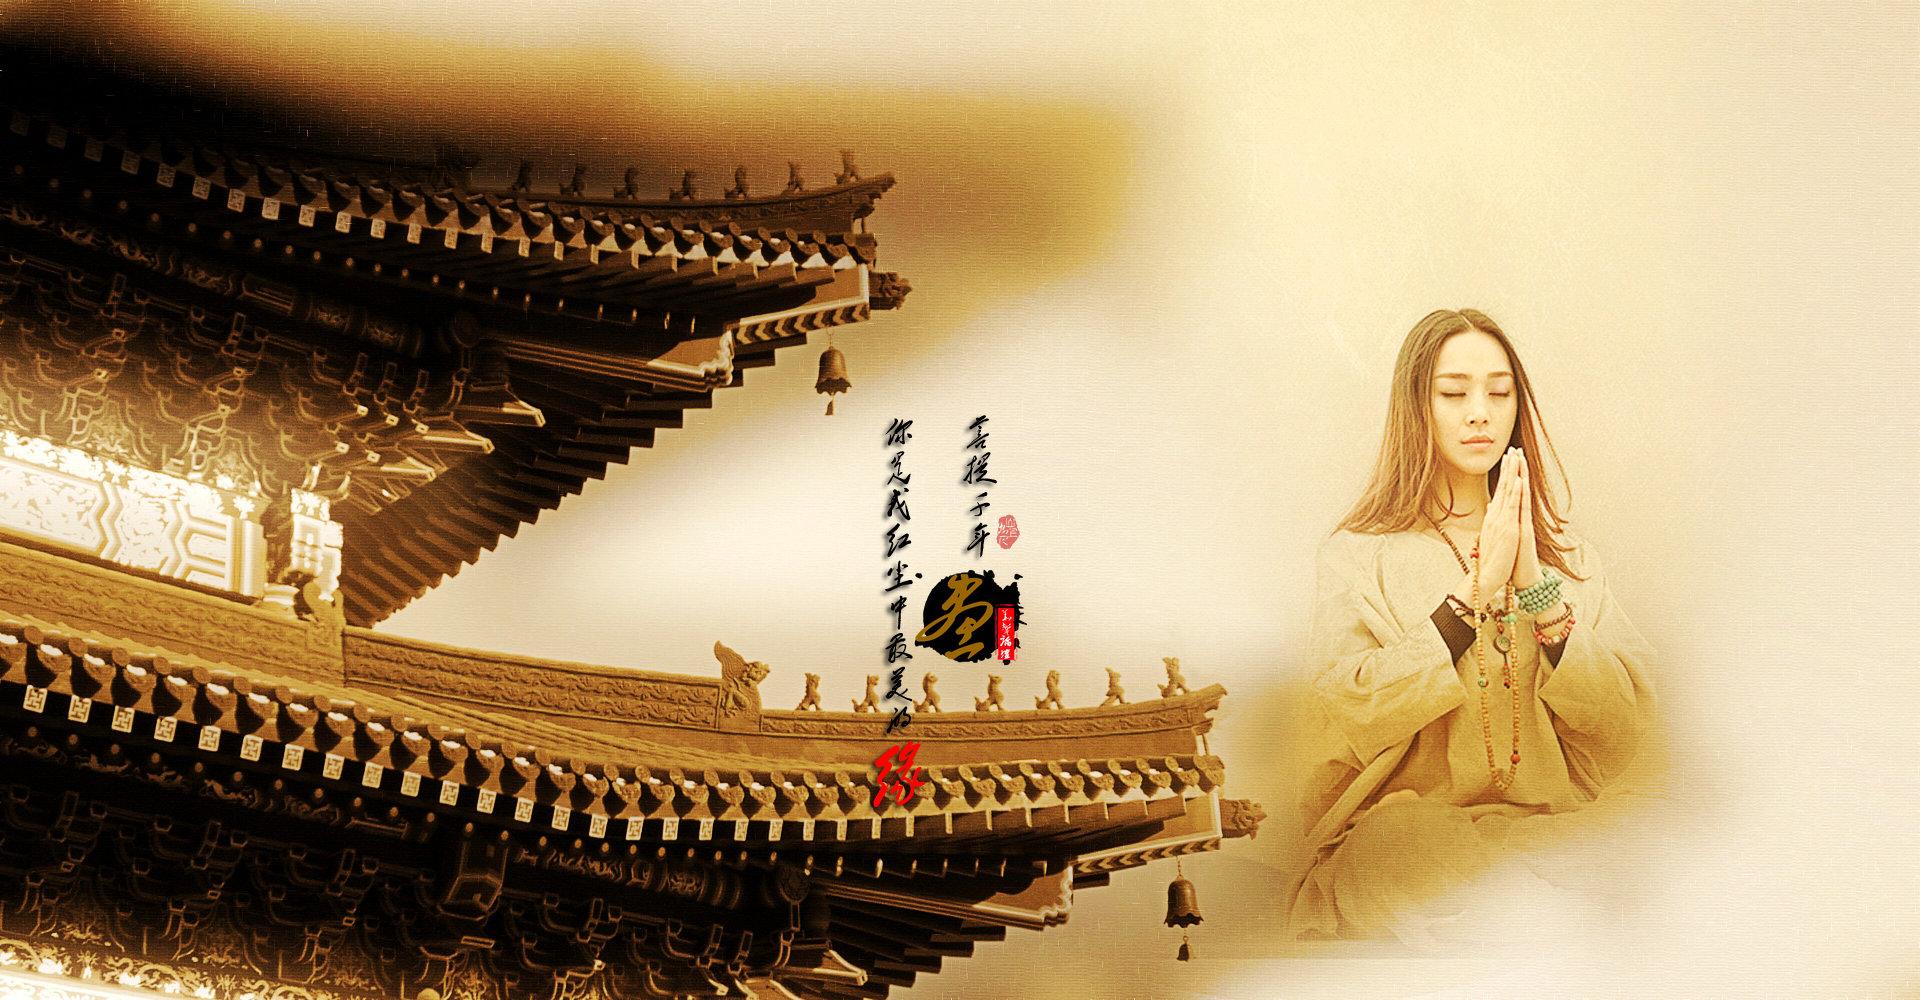 5481,红尘中最美的缘(原创) - 春风化雨 - 诗人-春风化雨的博客